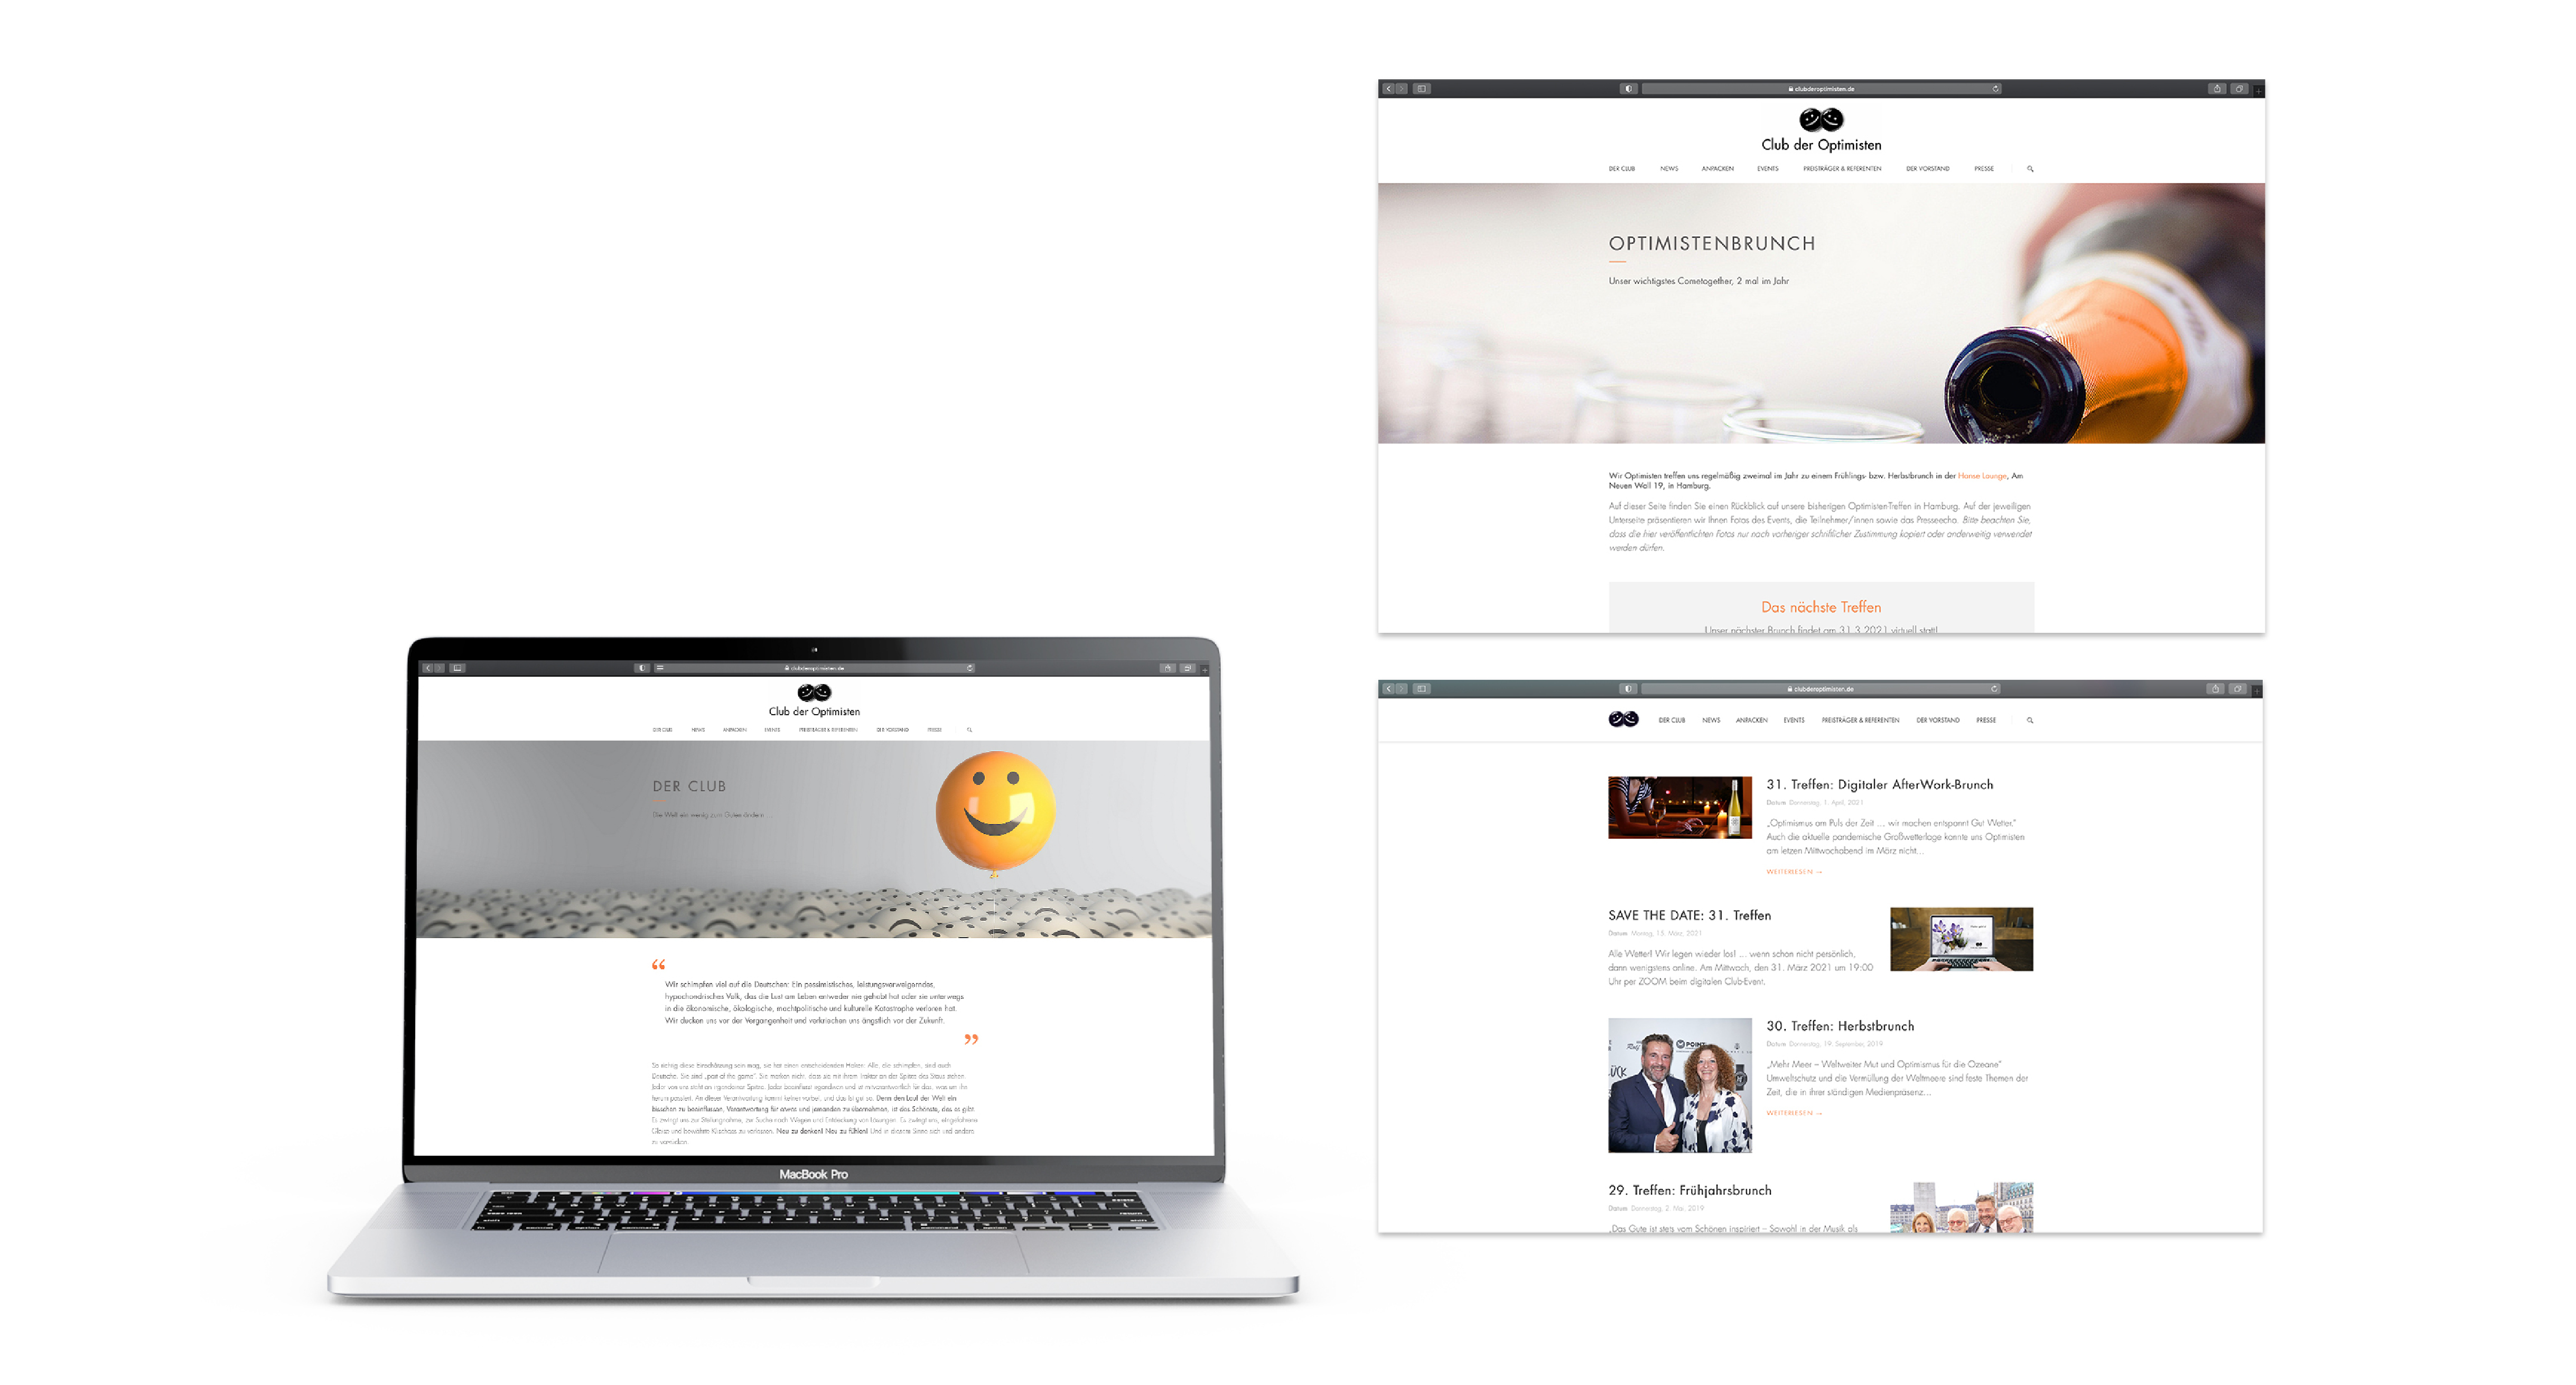 CDO_Webseite_MacBook